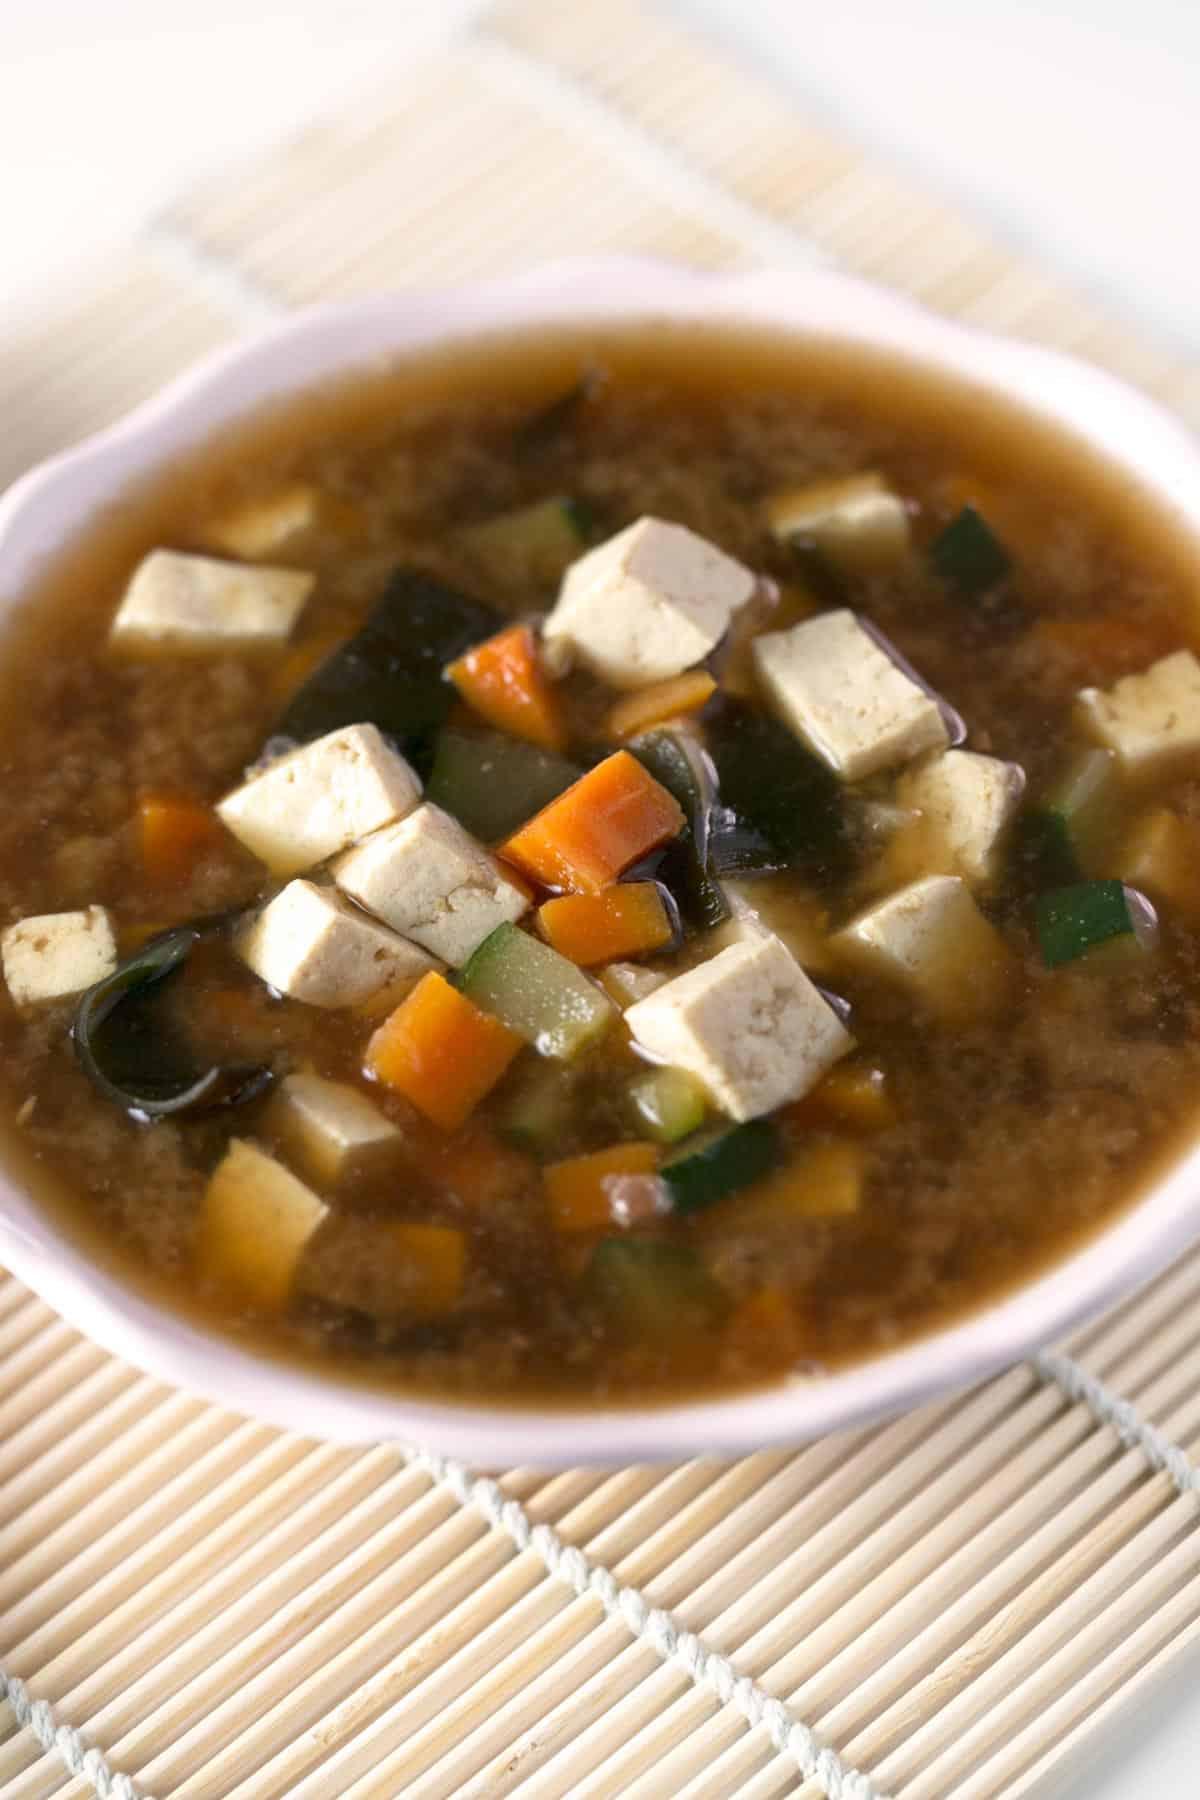 Sopa de Miso Y Tofu.- La sopa Miso es mi sopa preferida. Es la cuarta receta que compartimos y la verdad es que no sabría deciros cuál me gusta más.